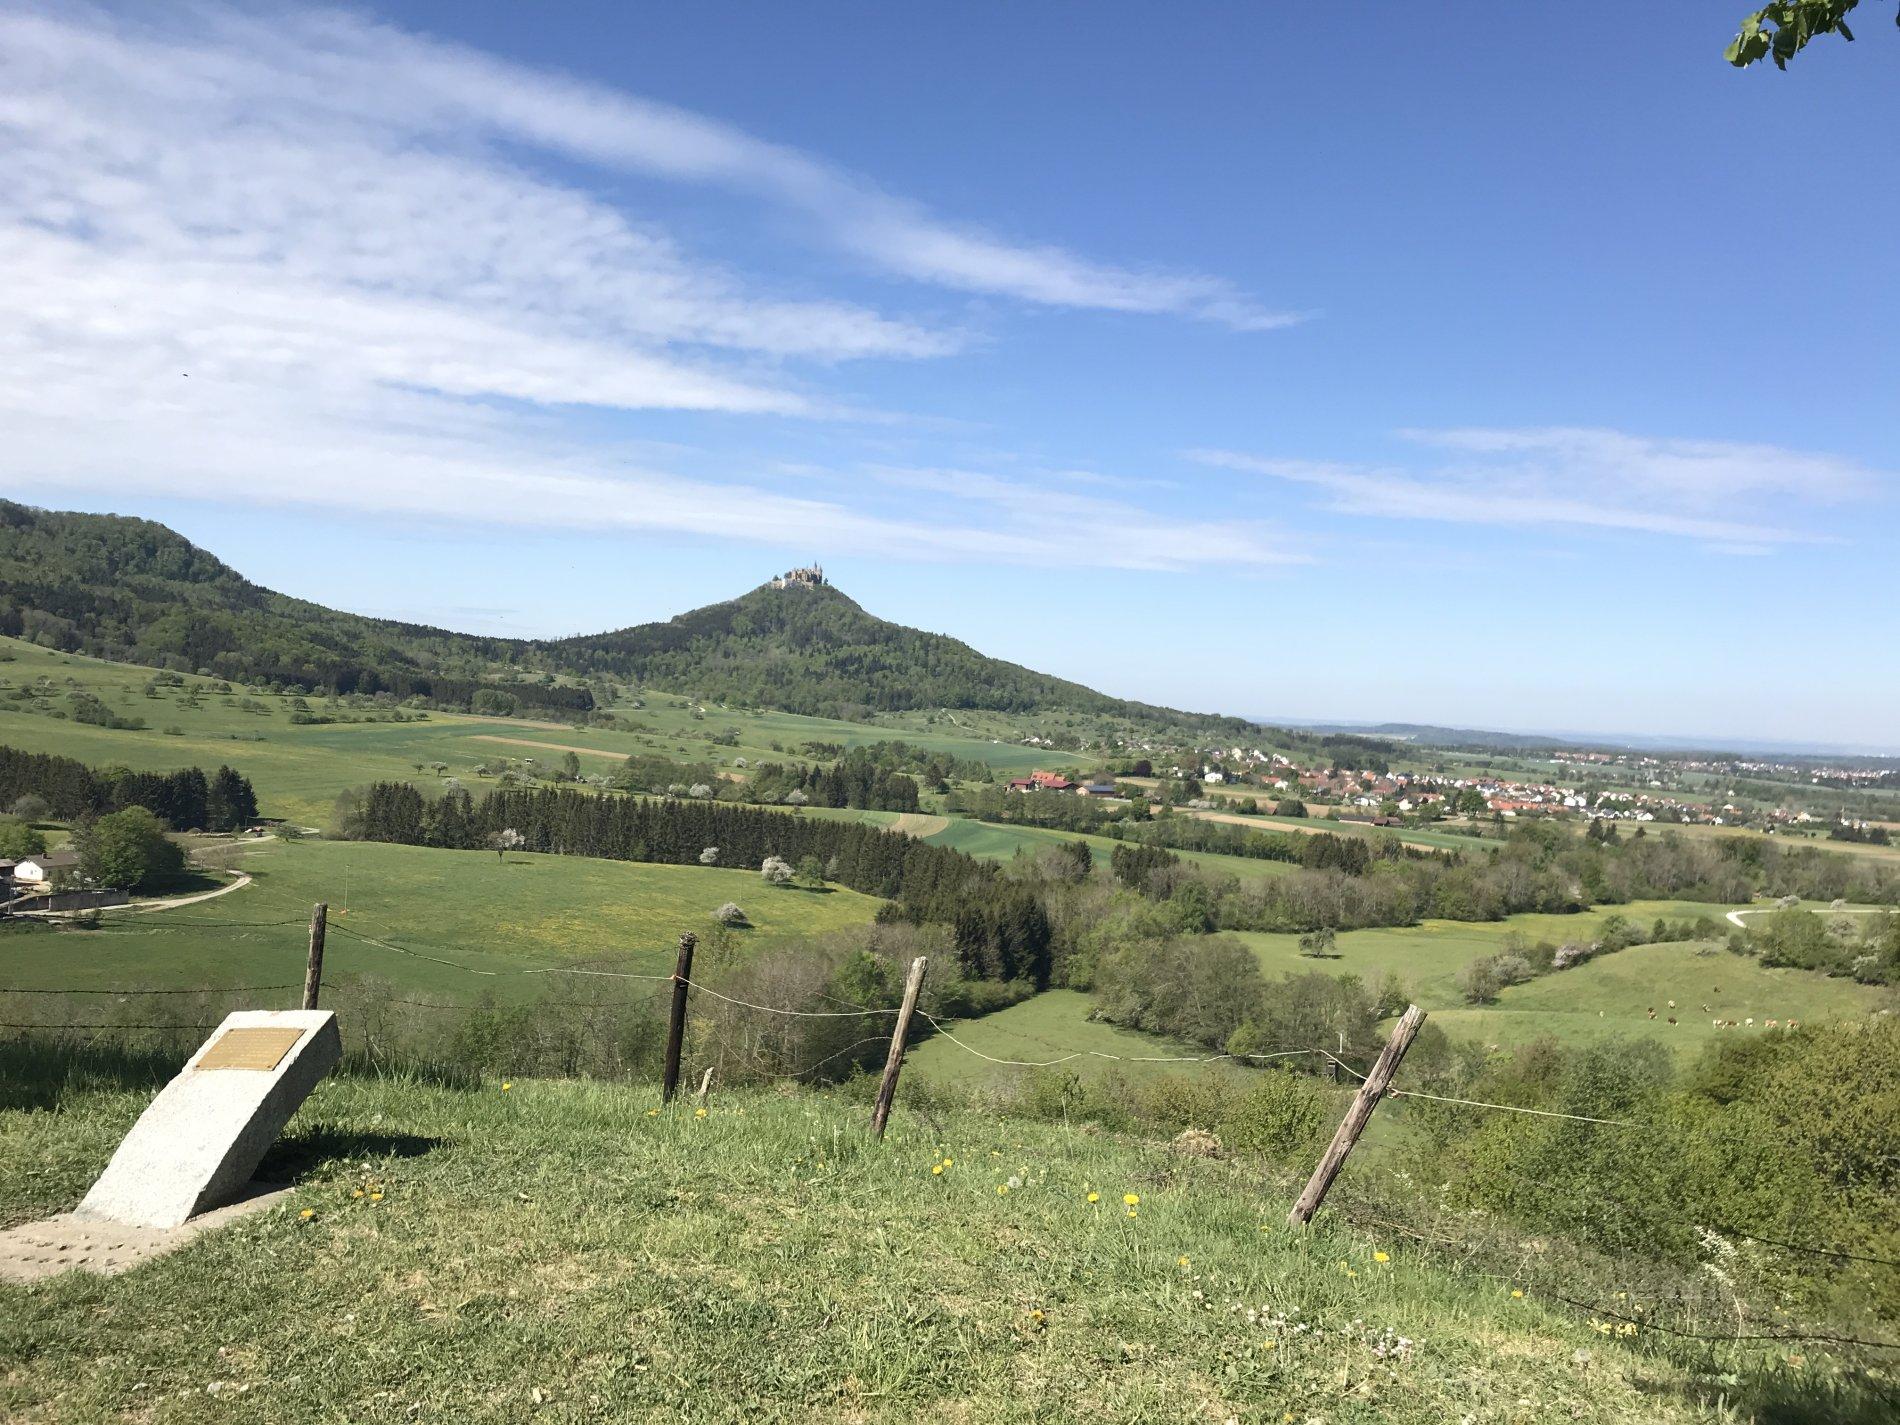 Aussichtspunkt Bollemer Kapf an der Neuberg-Tour in Hechingen